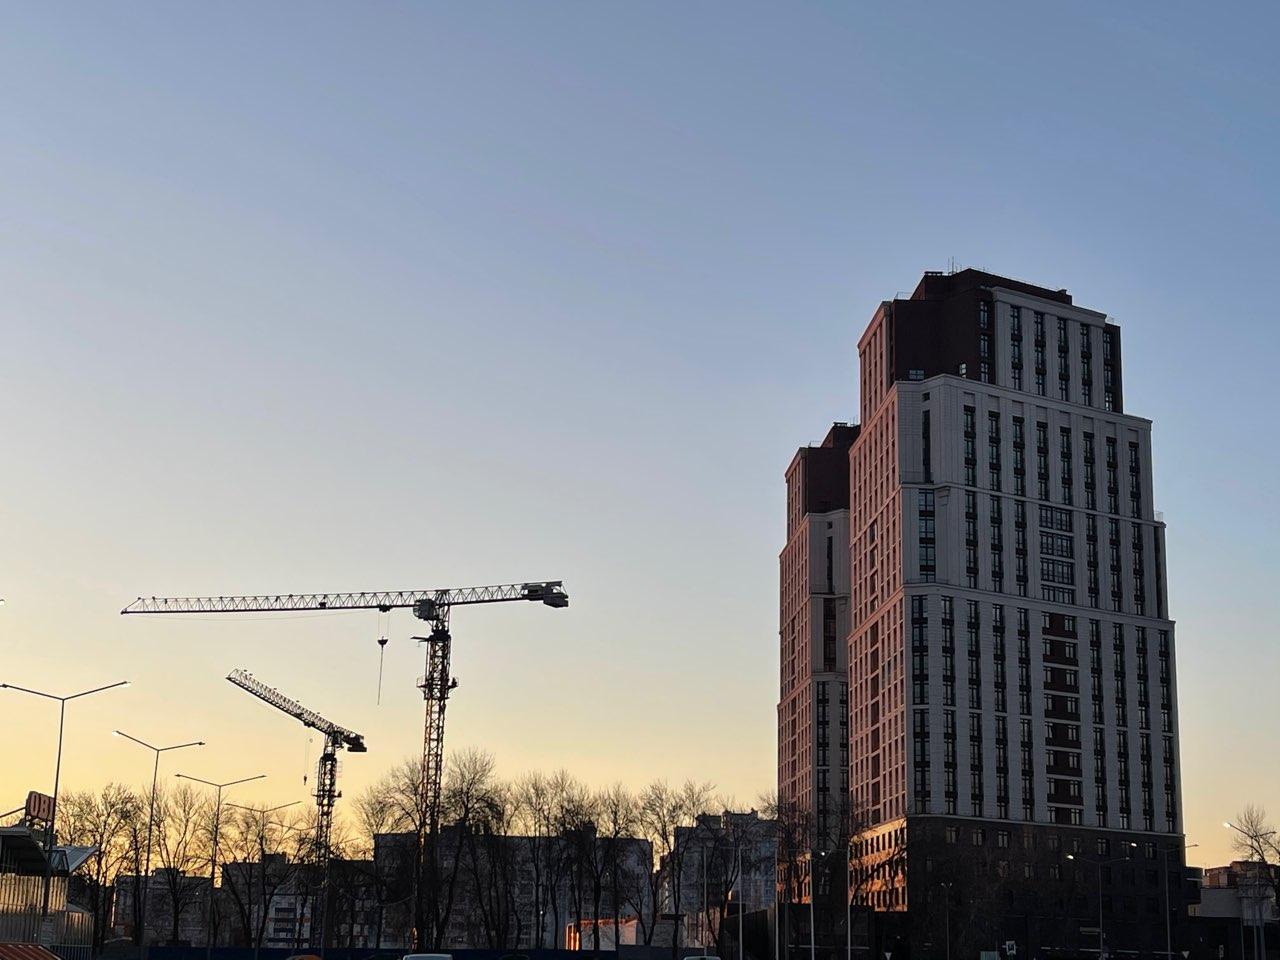 Хуснуллин: объемы жилищного строительства в России выросли на треть